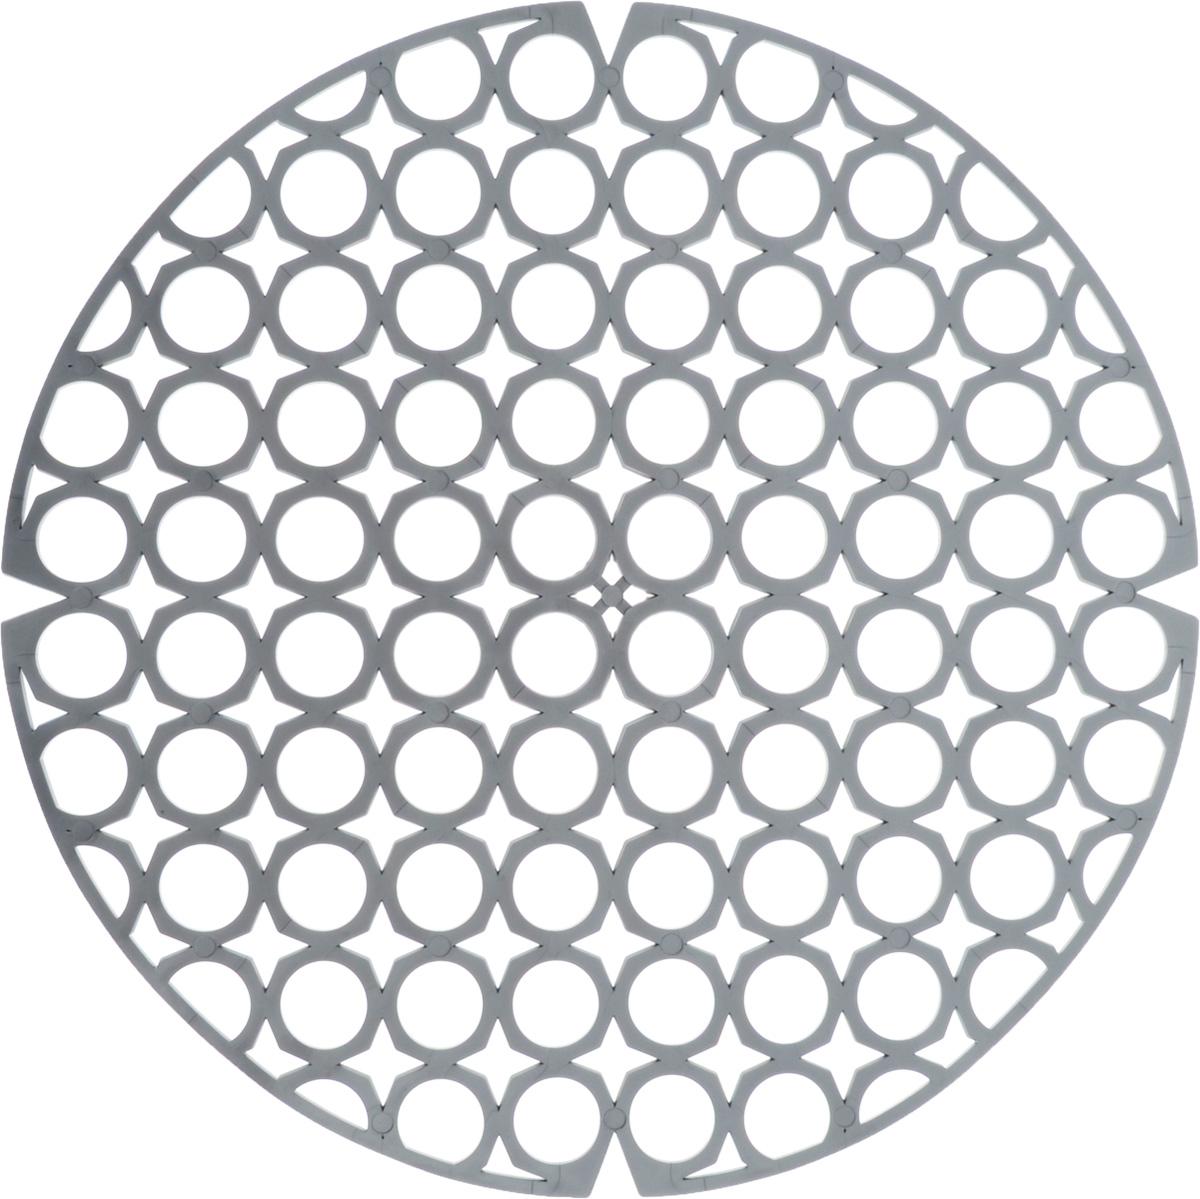 Коврик для раковины York, цвет: серый, диаметр 27,5 см9560/095600_серыйСтильный и удобный коврик для раковины York изготовлен из сложных полимеров. Он одновременно выполняет несколько функций: украшает, защищает мойку от царапин и сколов, смягчает удары при падении посуды в мойку. Коврик также можно использовать для сушки посуды, фруктов и овощей. Он легко очищается от грязи и жира. Диаметр: 27,5 см.